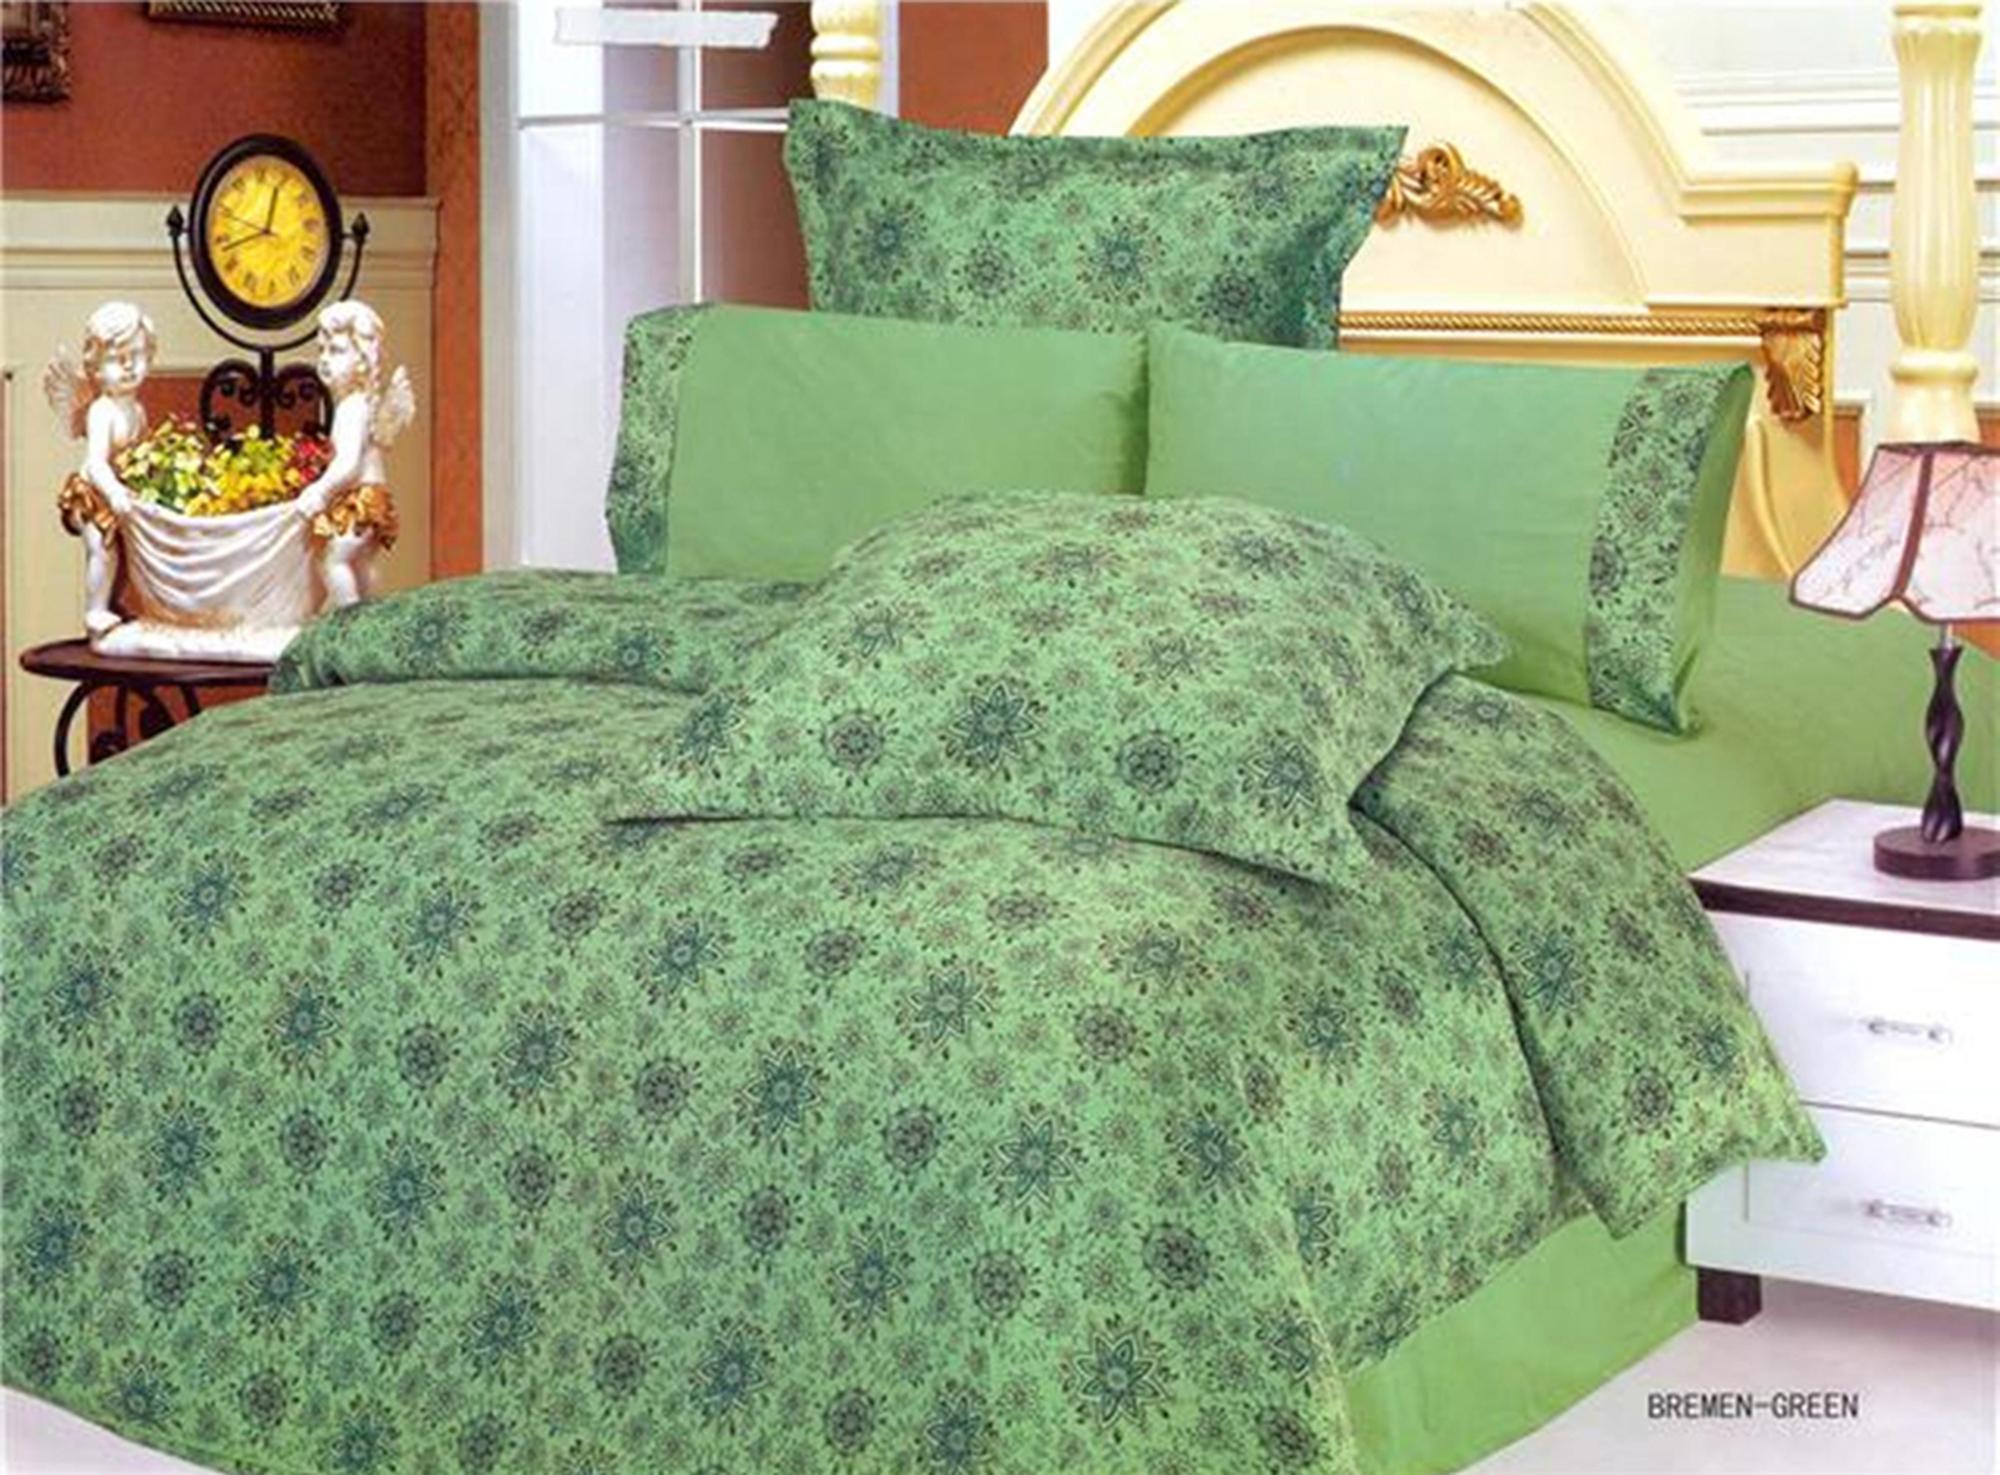 BREMEN G Комплект постельного белья